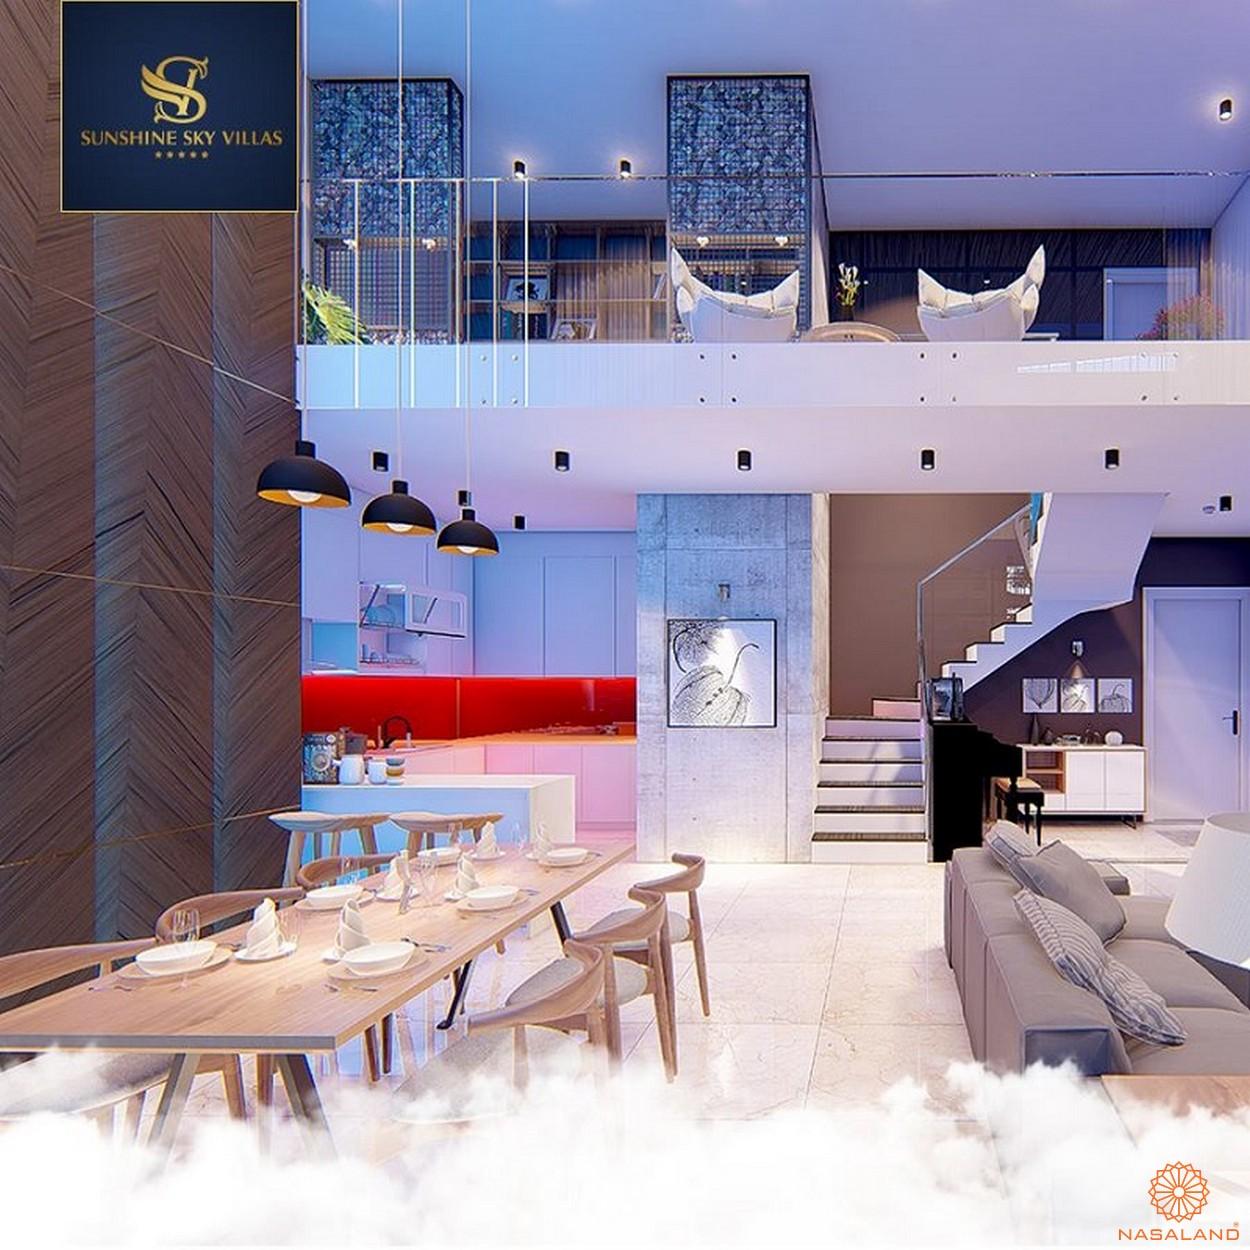 Hình ảnh nội thất bàn ăn và tầng lửng tại dự án